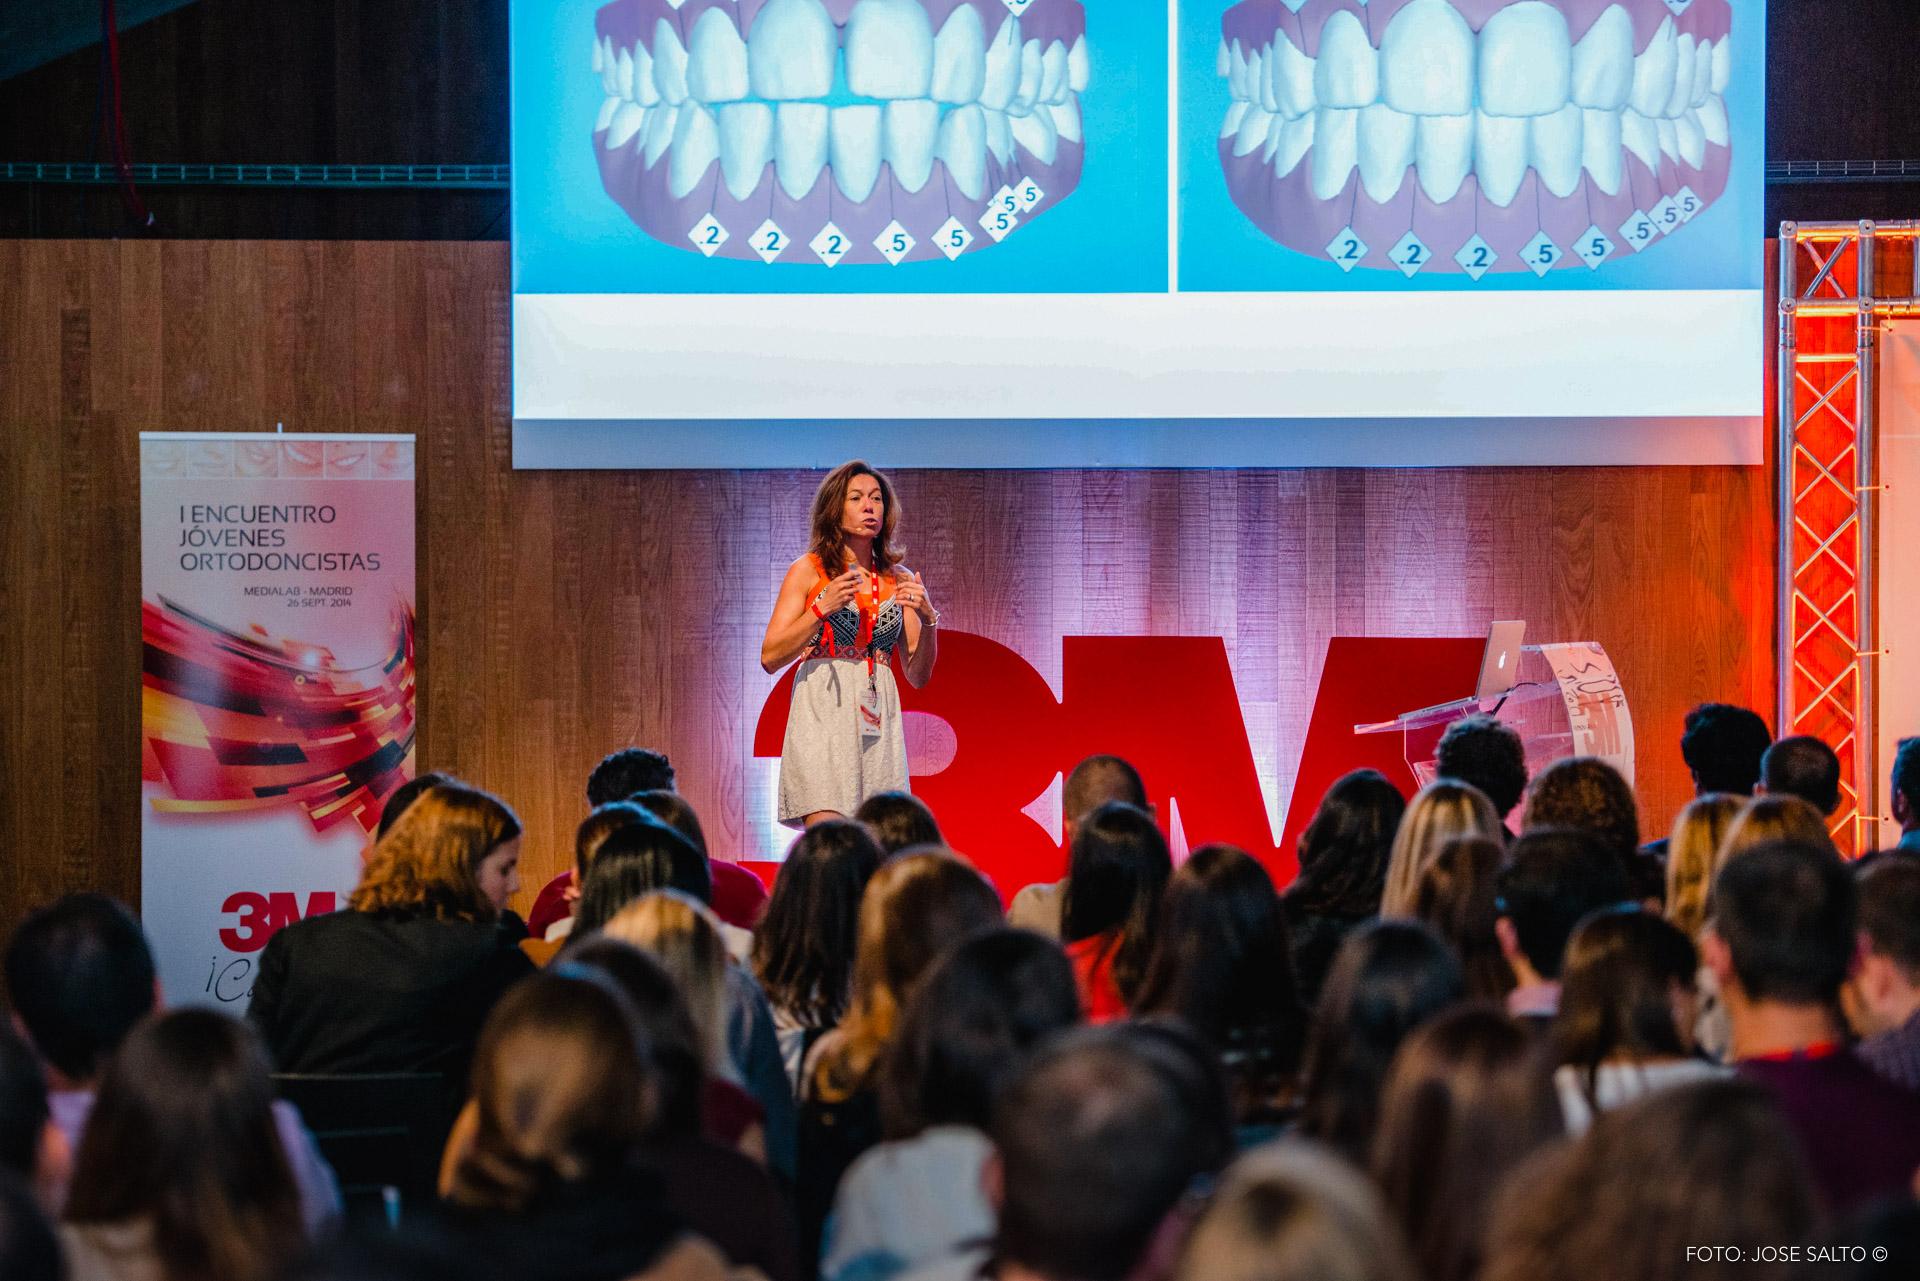 Congreso,odontologia,ortodoncia,congreso ortodoncia,medialab,fotografo profesional de eventos,fotografo de congresos,primer encuentro de jovenes ortodoncistas,ortodoncista